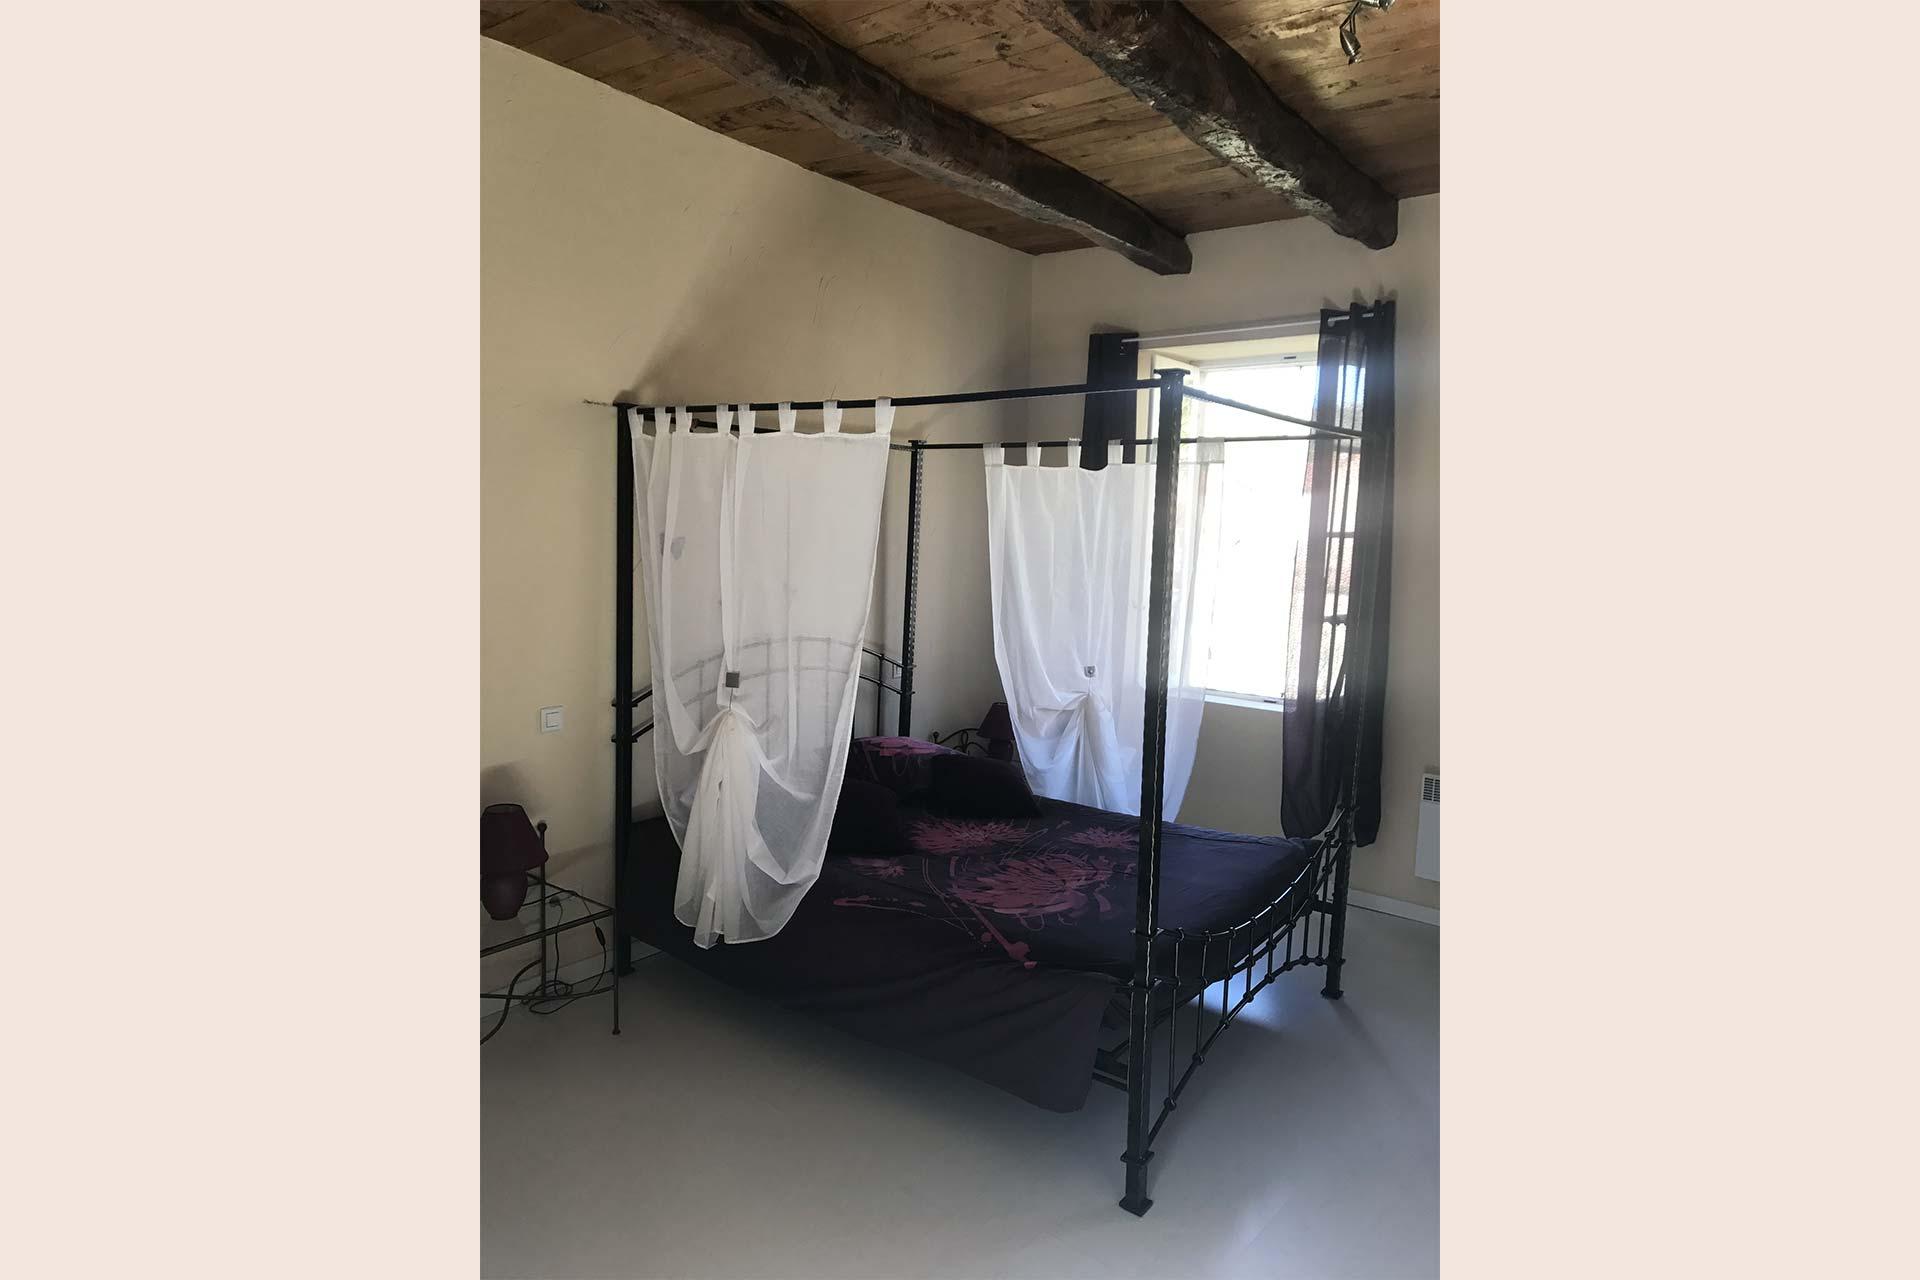 Chambre romantique chambre d 39 h tes en aveyron domaine alcapi s - Chambre d hote en aveyron ...